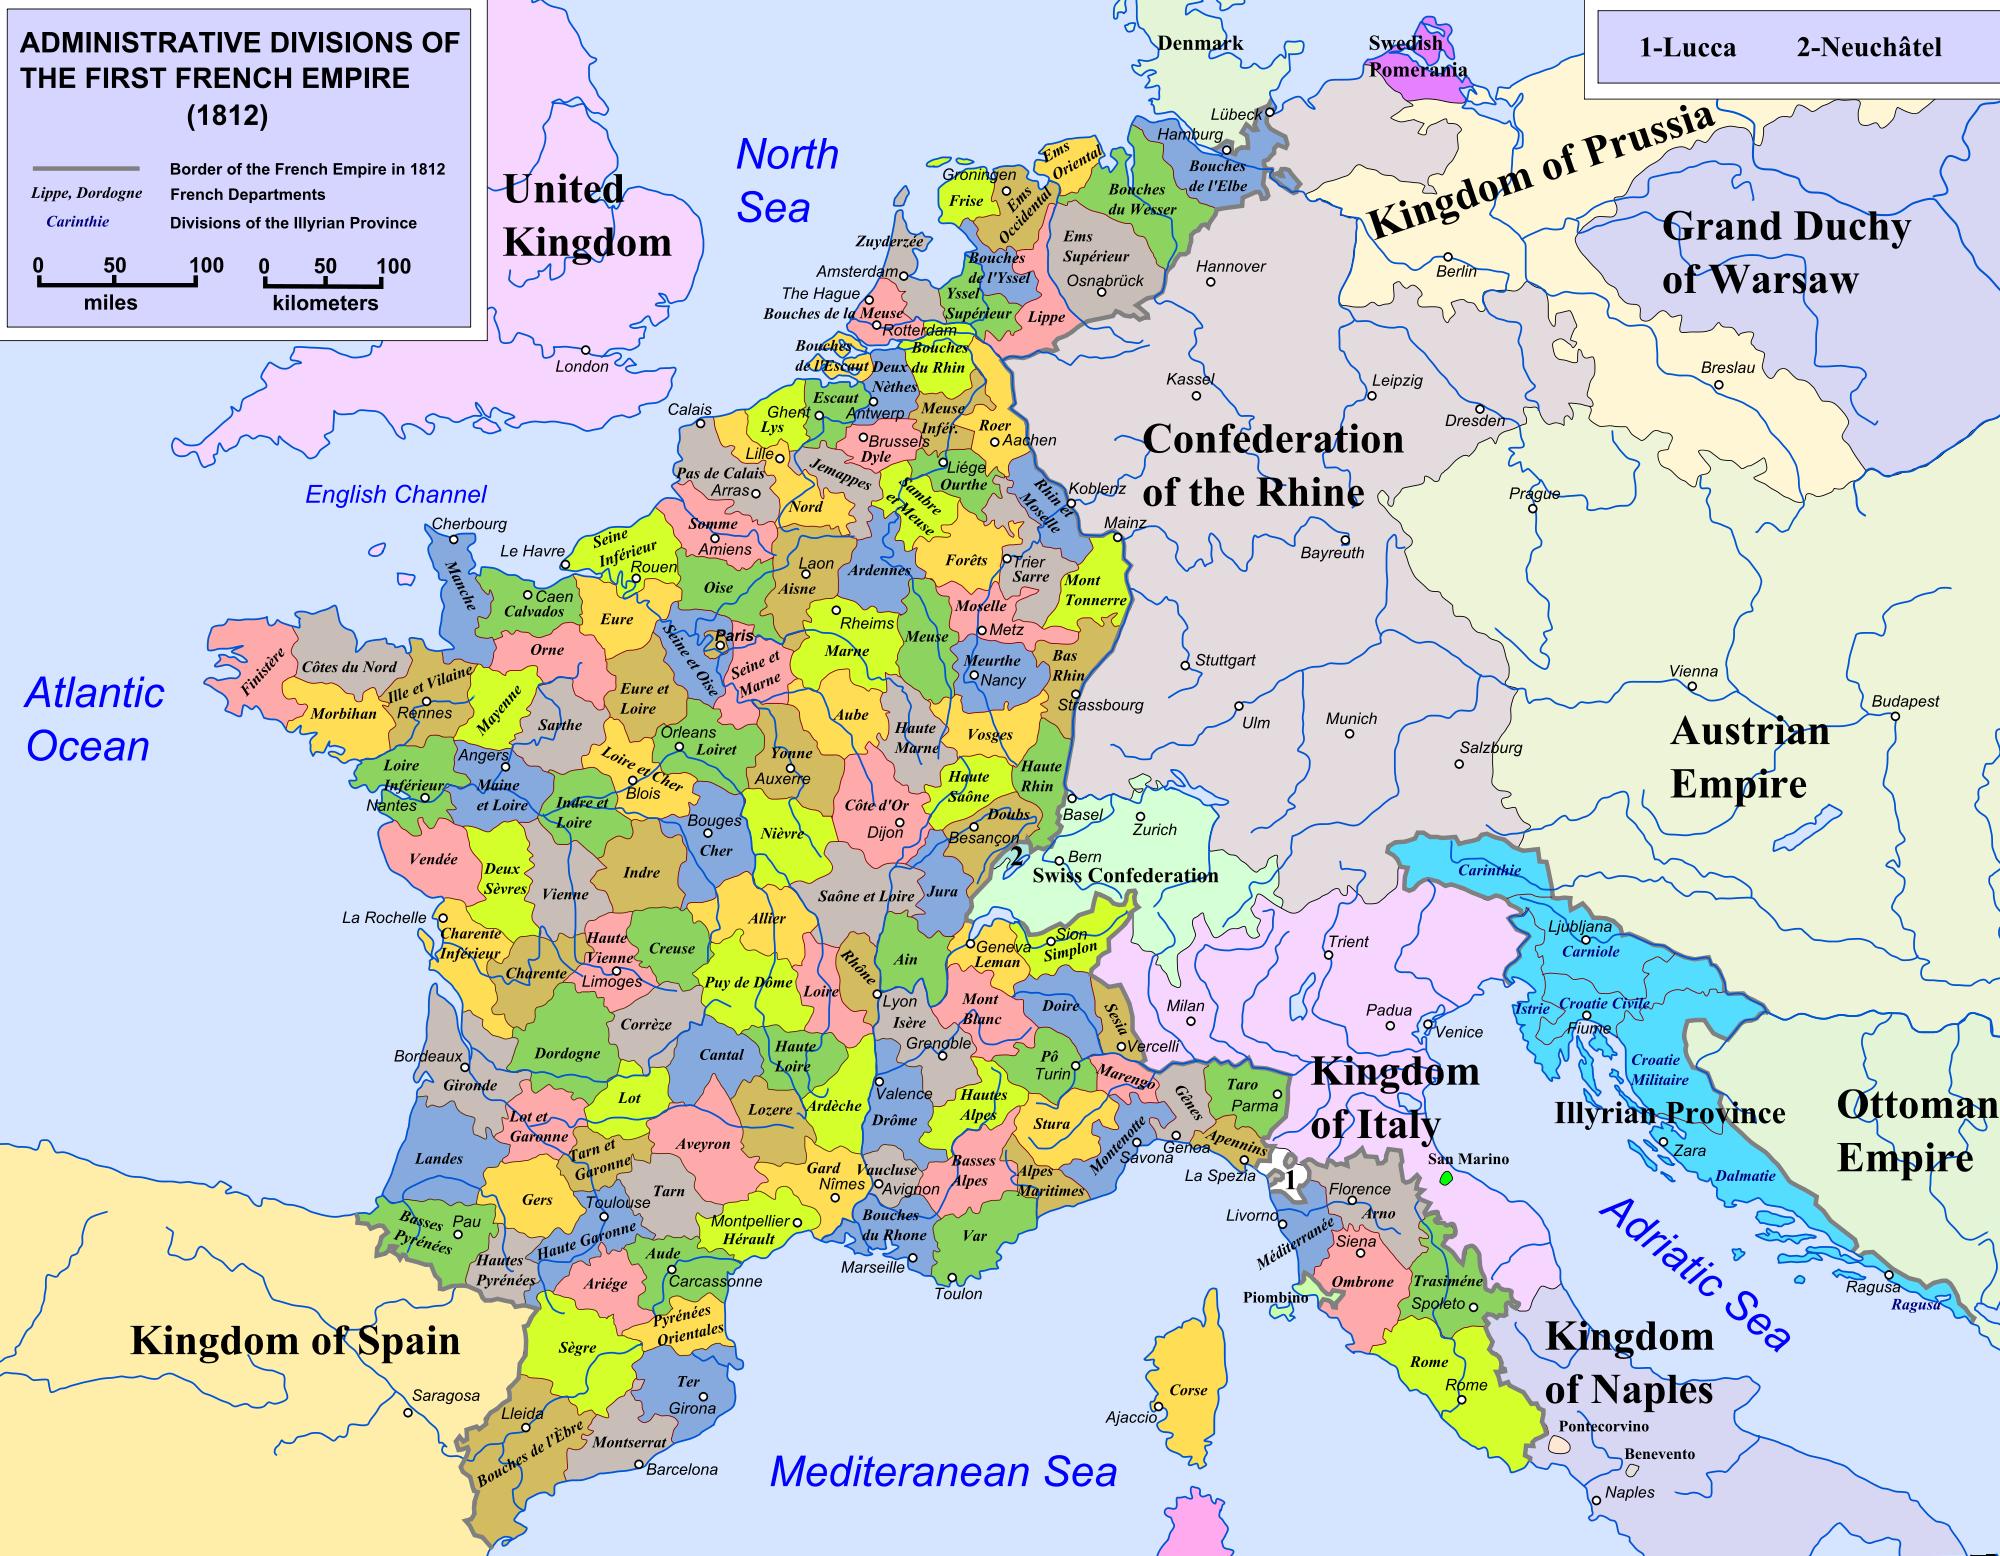 Napoleon France | De France Tweet Imprimer Cette Carte dedans Carte Des Régions Et Départements De France À Imprimer